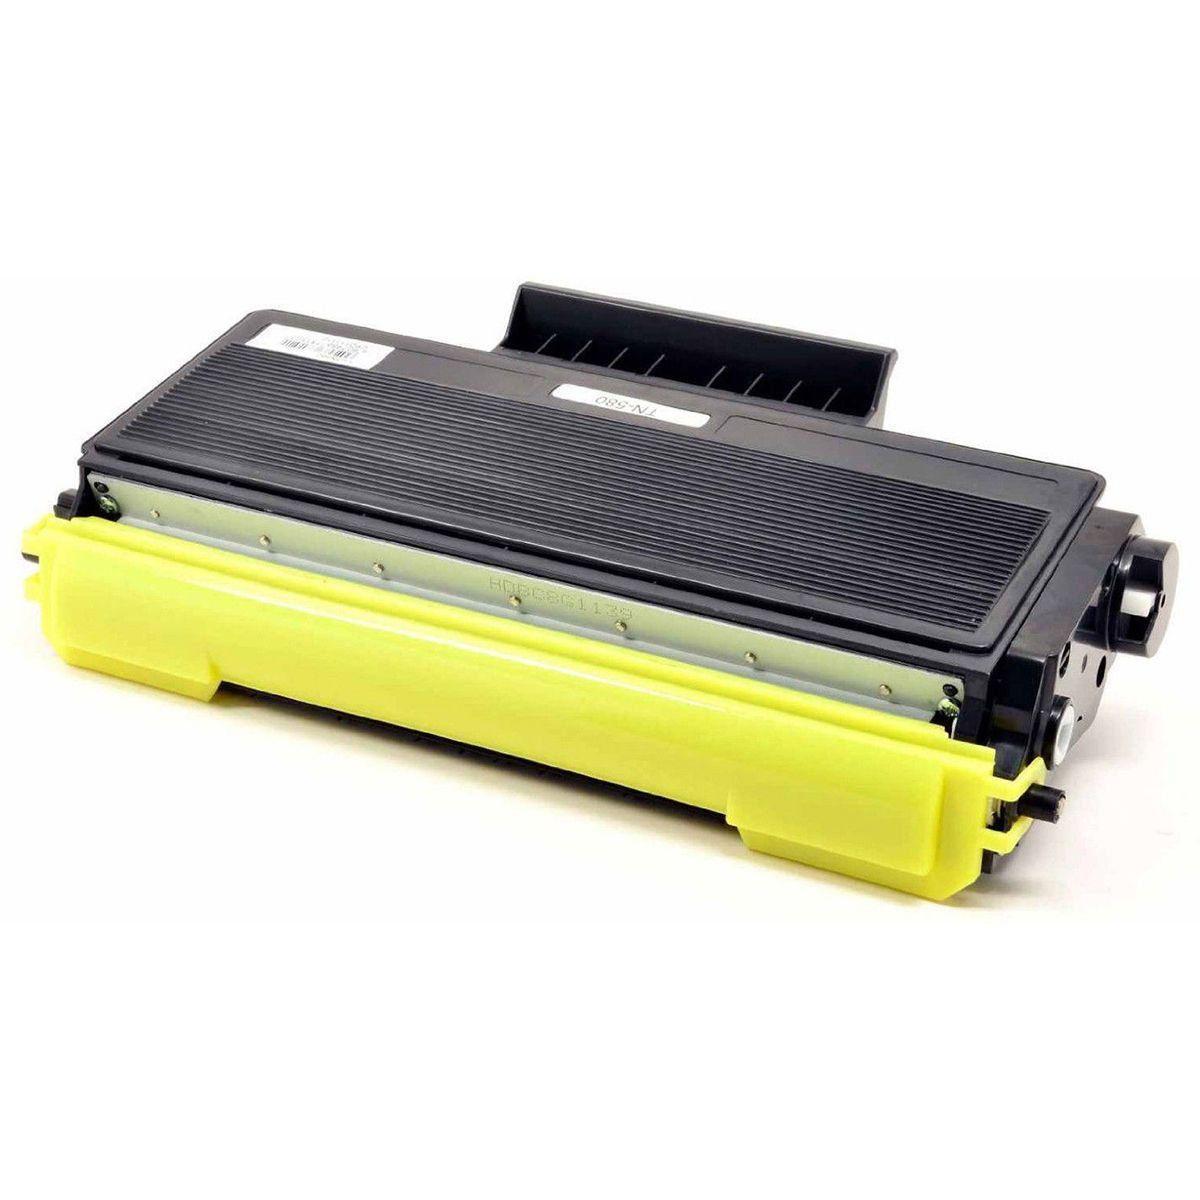 Compatível: Toner para impressora Brother DCP-8070d DCP-8070 DCP-8060 DCP-8060dn DCP8070d DCP8070 DCP8060 DCP8060dn